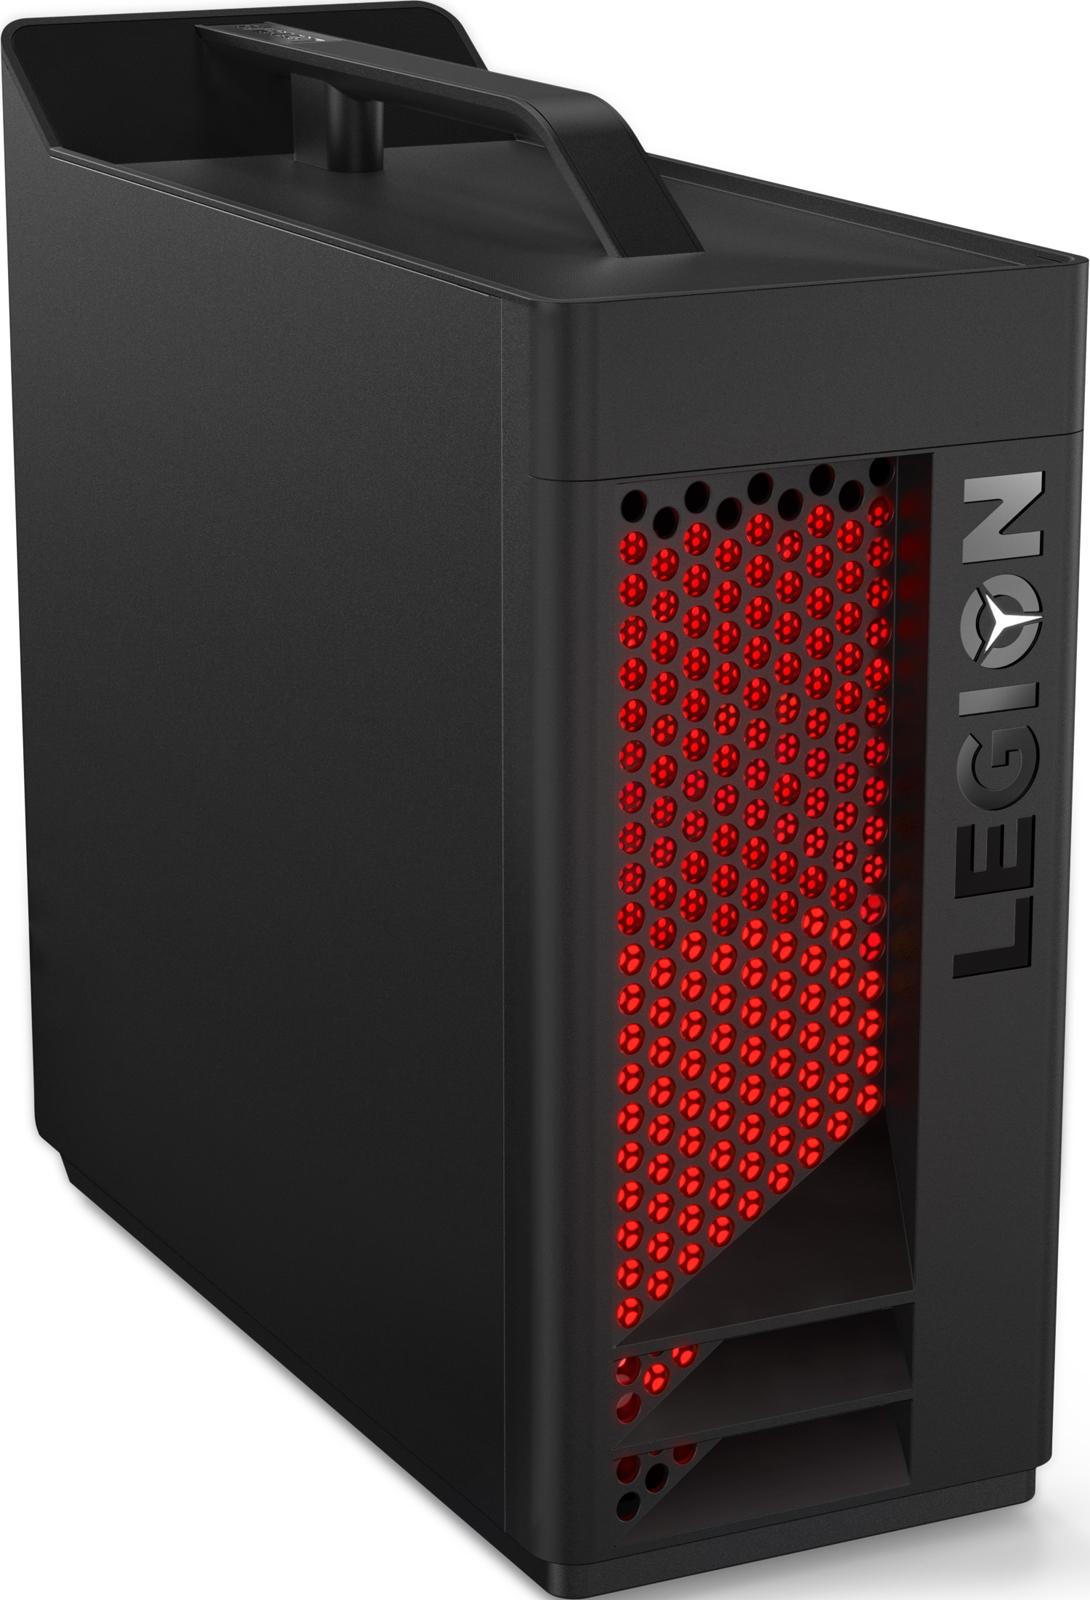 Системный блок Lenovo Legion T530-28ICB MT, 90JL007DRS, черный цена и фото